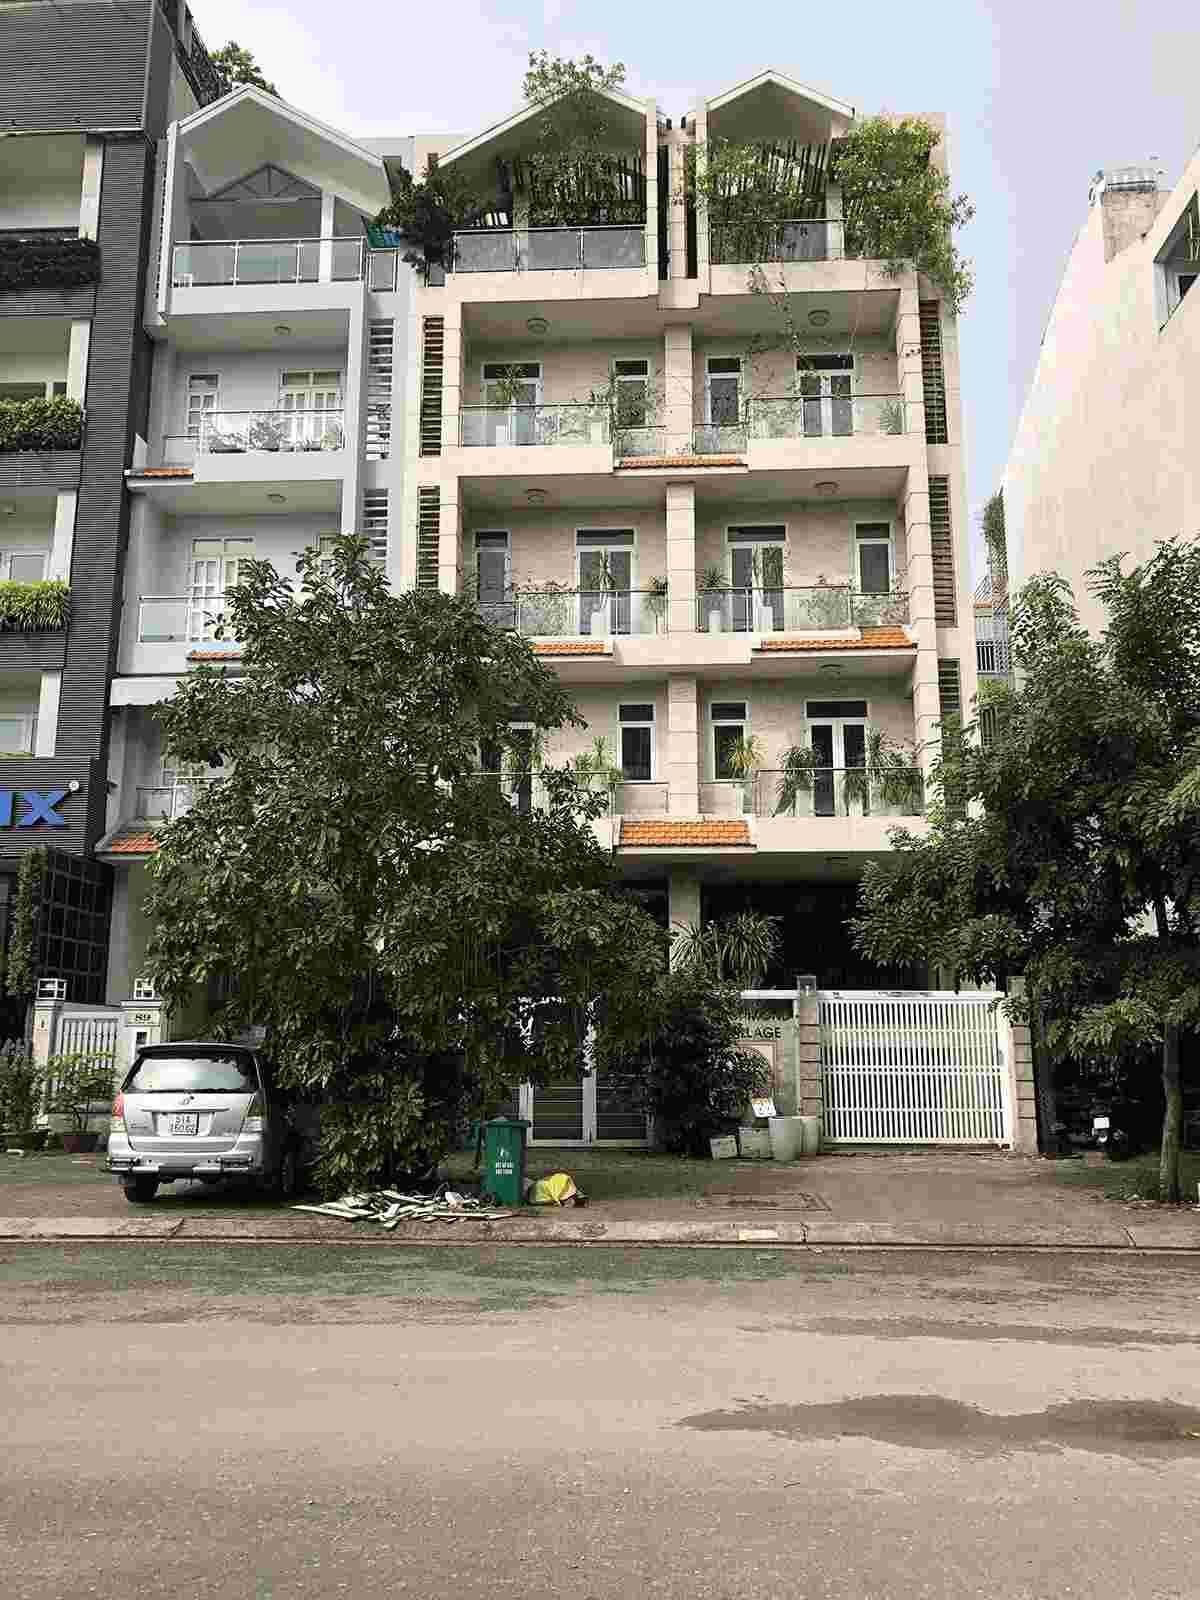 Bán nhà phố Him Lam Kênh Tẻ Quận 7, cách hồ sinh thái 50m, nội thất đẹp, vào có thể ở ngay, 21 tỷ. LH: 0913.050.053